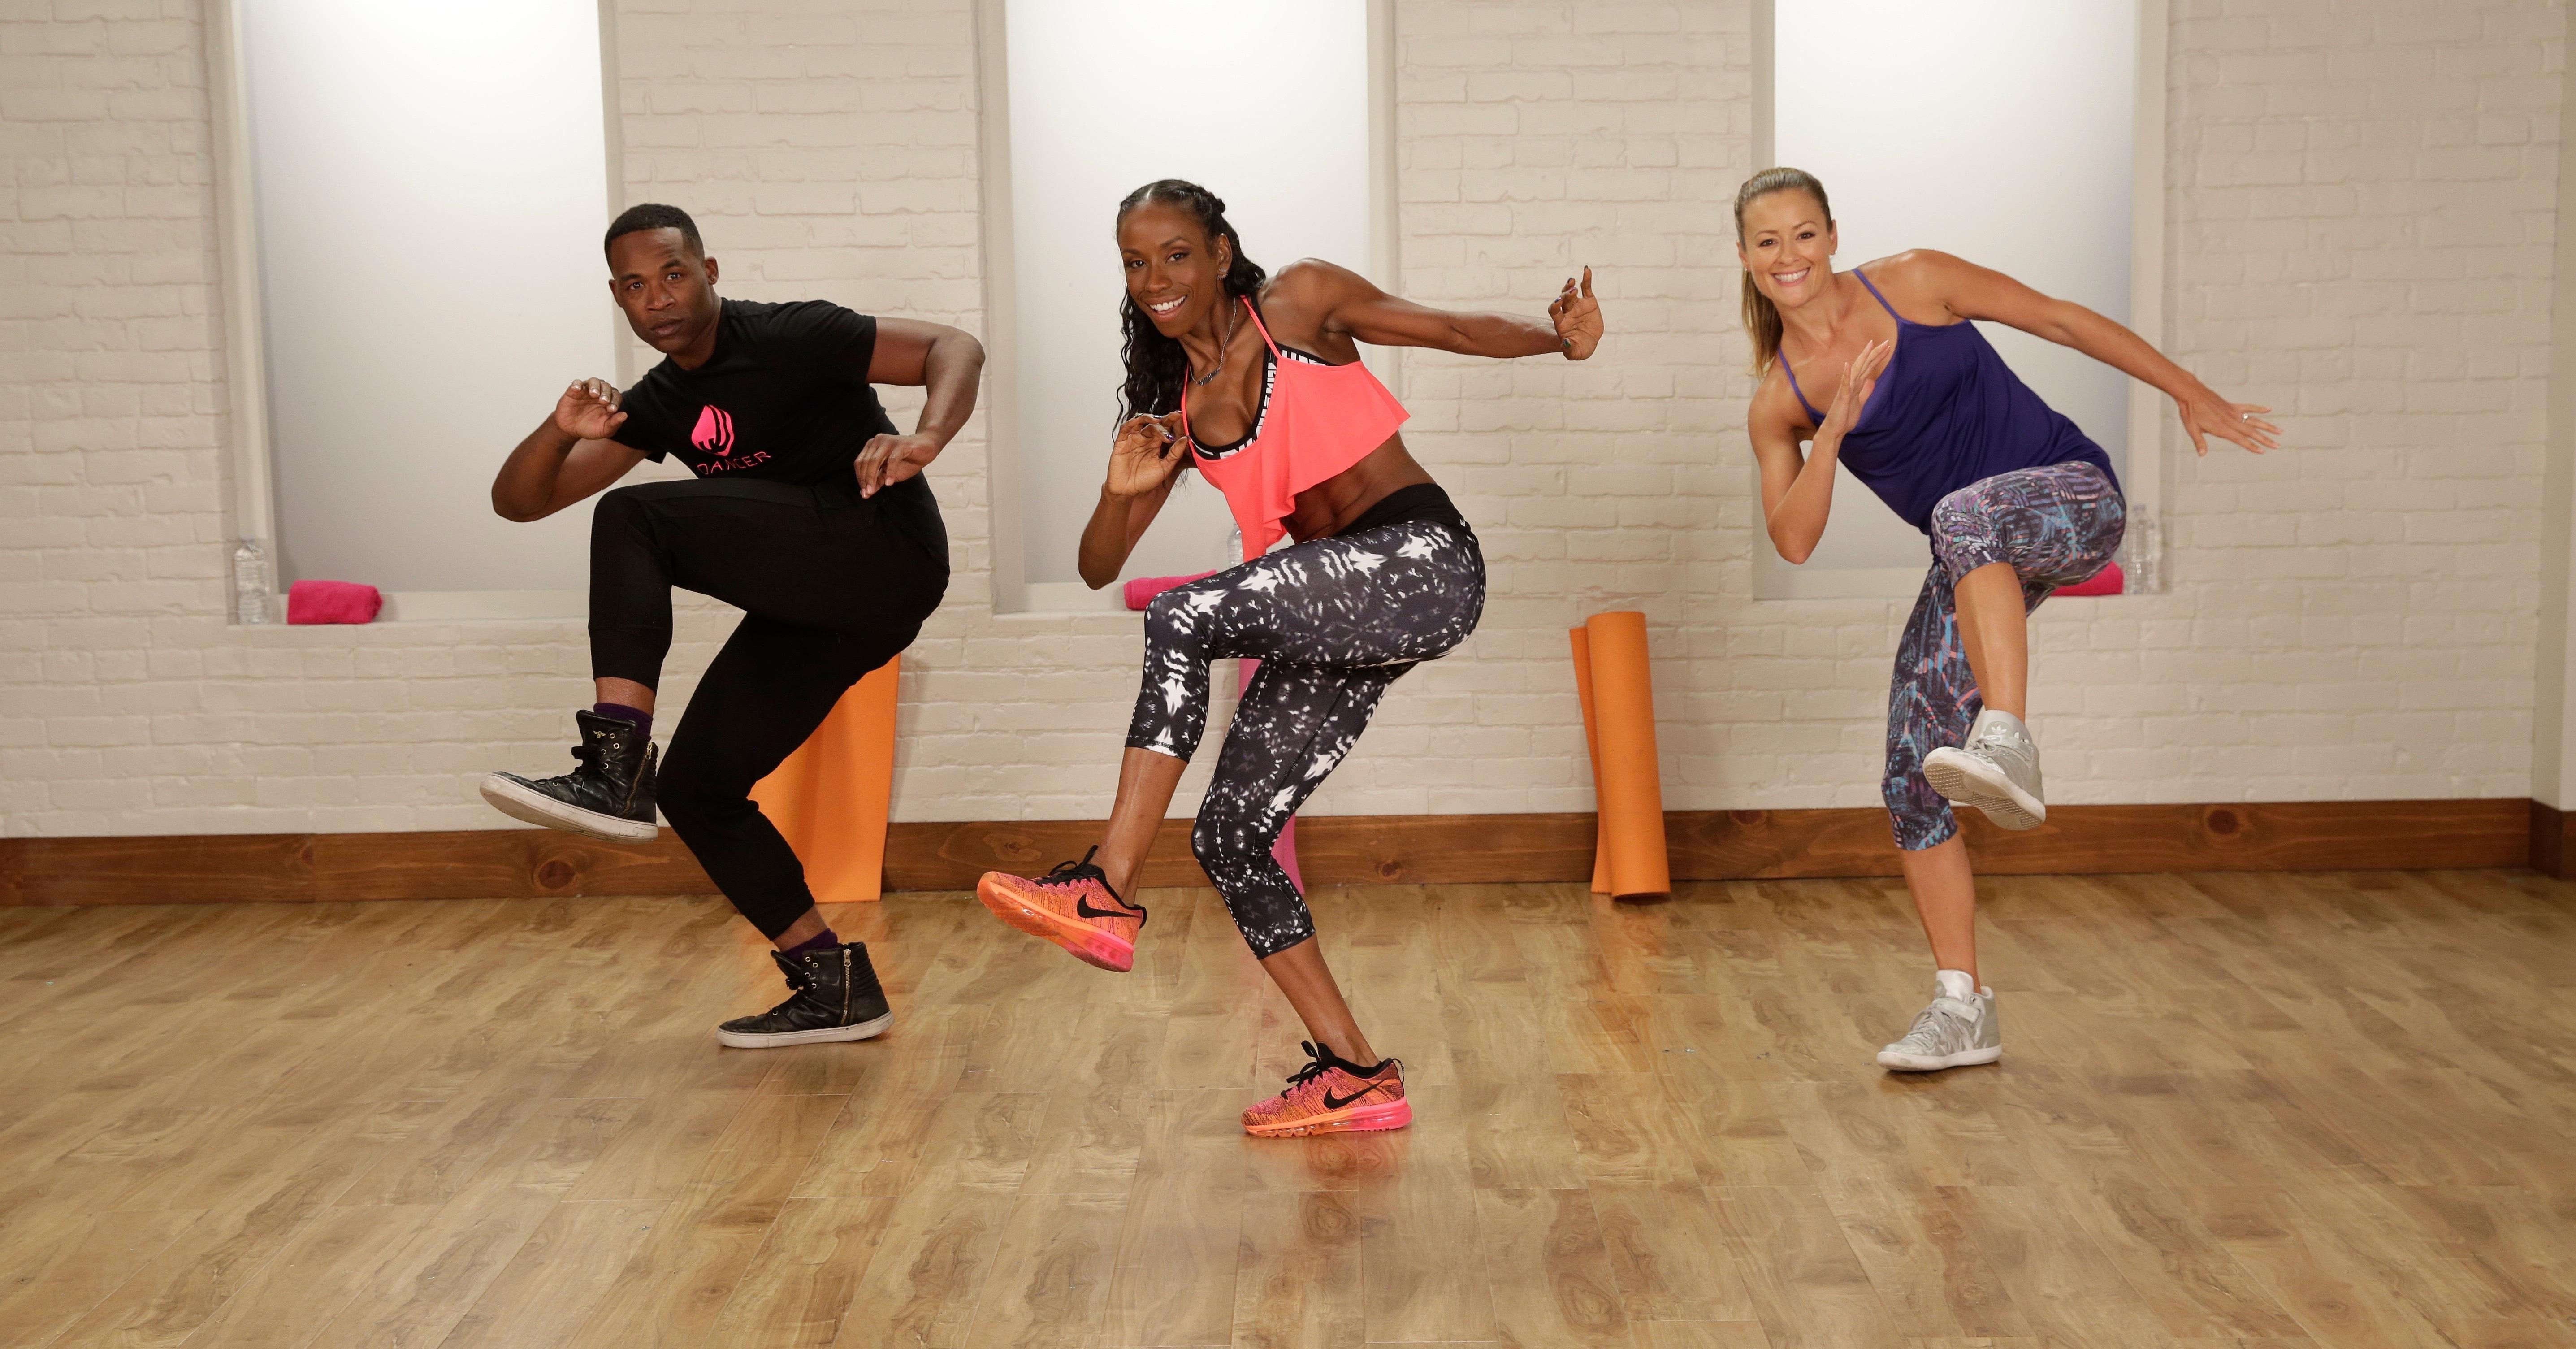 Cardio Workout Dance